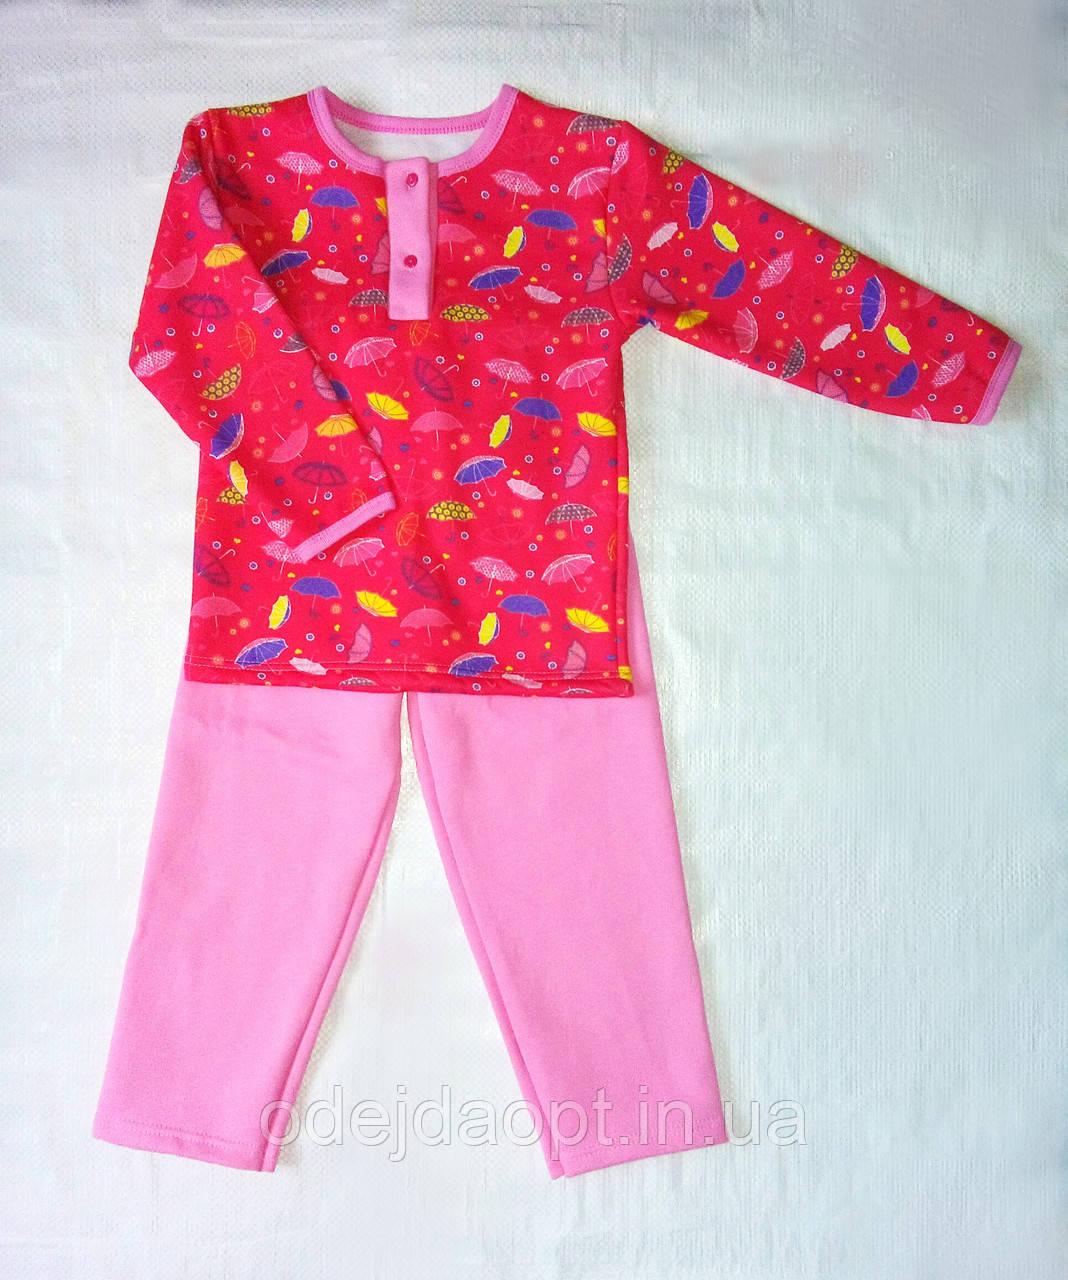 Пижама   подростковая для девочки 9,10,11,12,13 лет